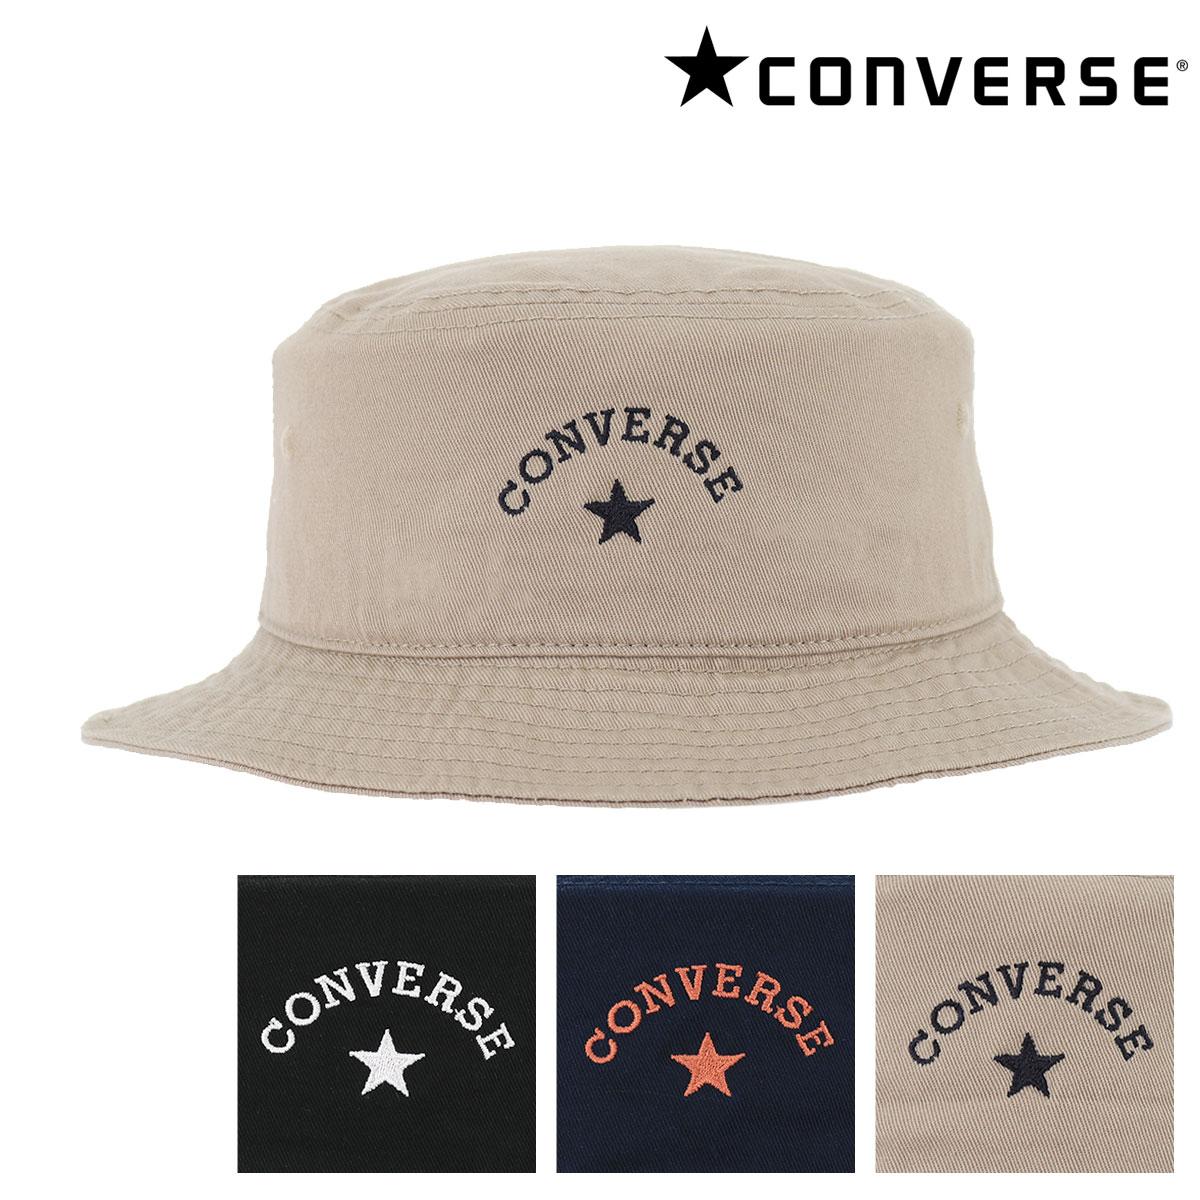 コンバース バケットハット メンズ レディース 195112704 CONVERSE | 帽子 フリーサイズ [bef][即日発送]